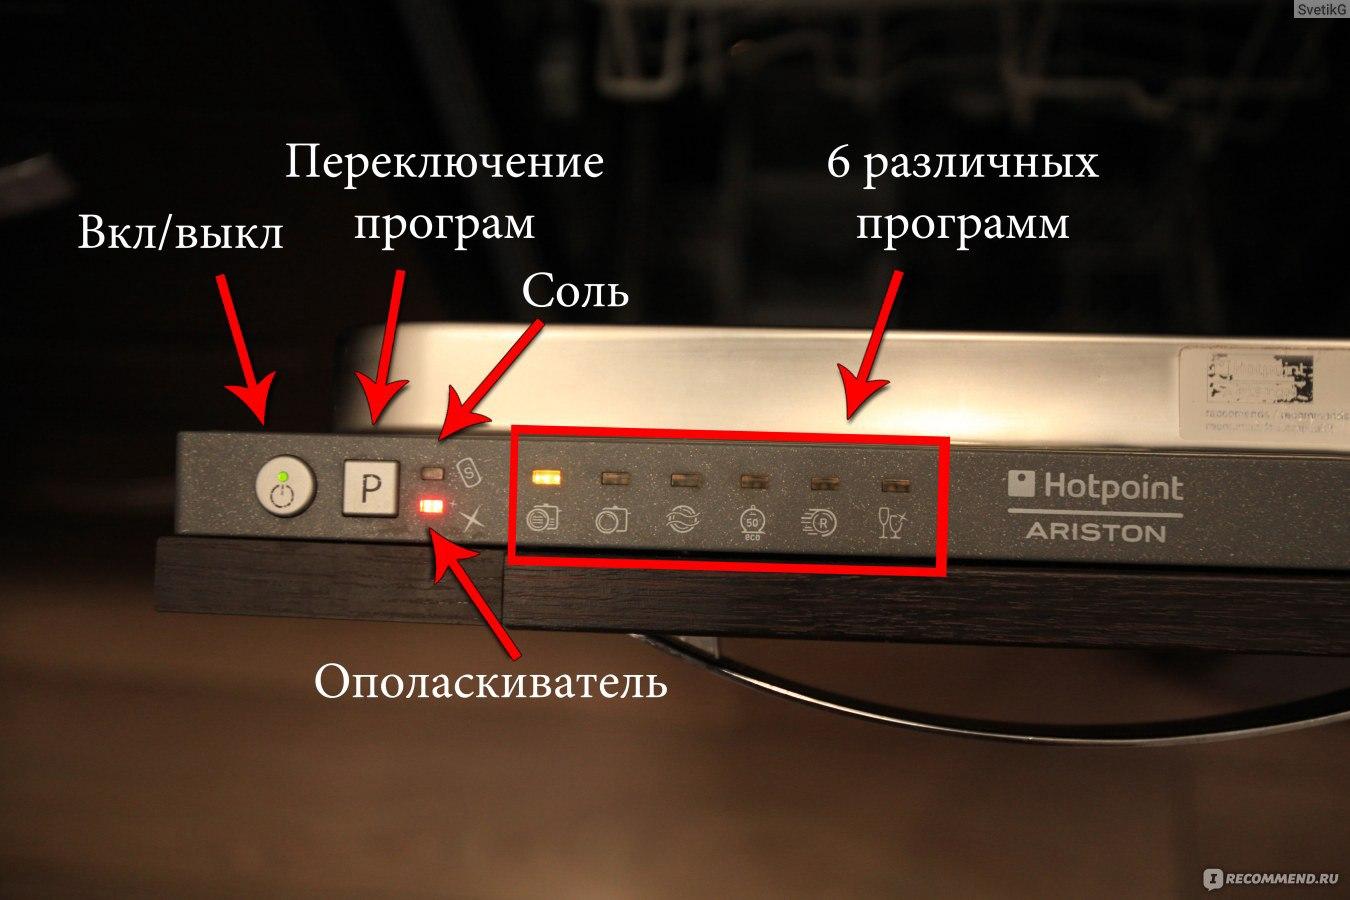 инструкция к старому духовому шкафу аристон